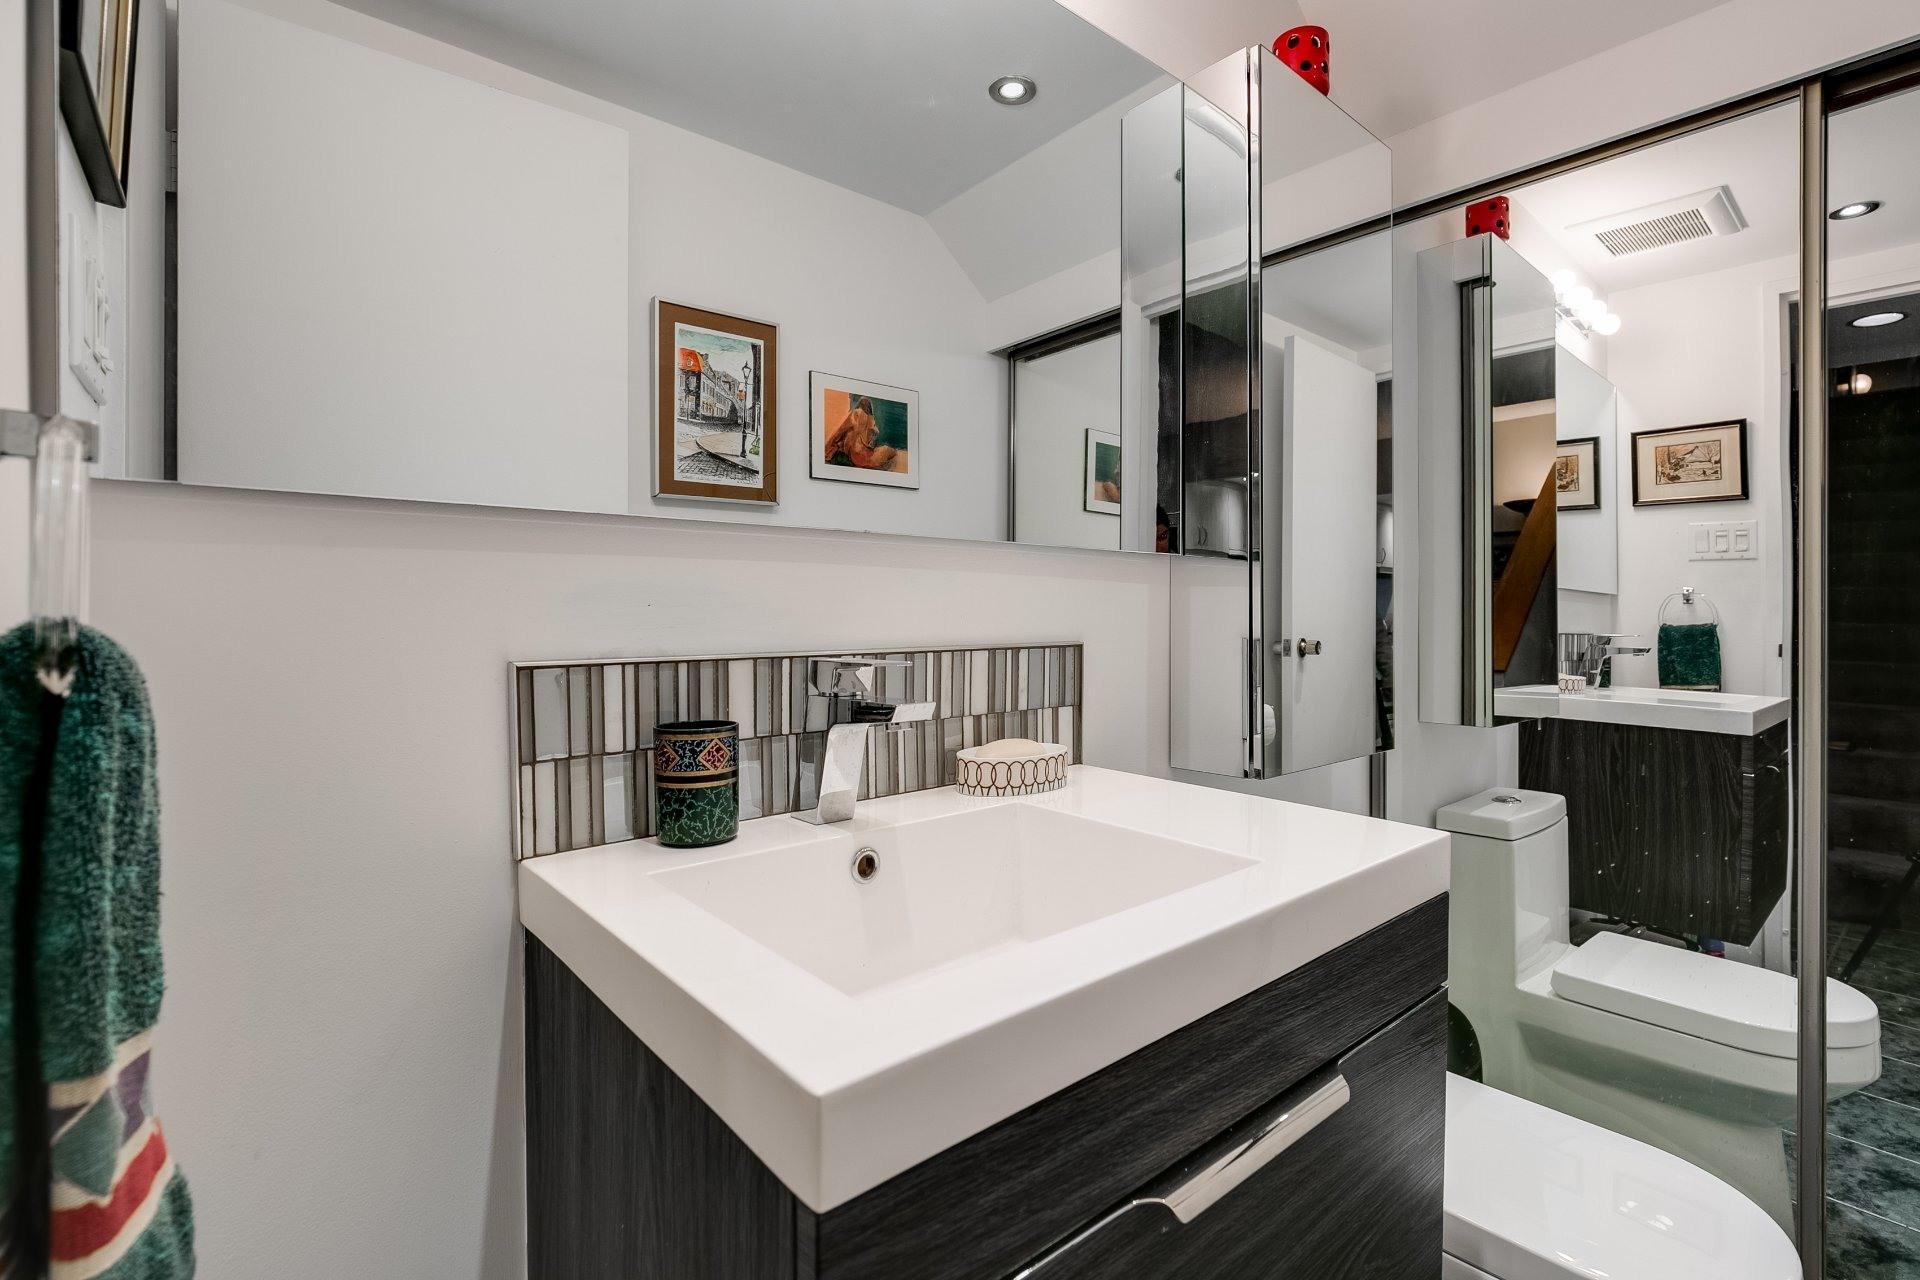 image 16 - Appartement À vendre Verdun/Île-des-Soeurs Montréal  - 6 pièces